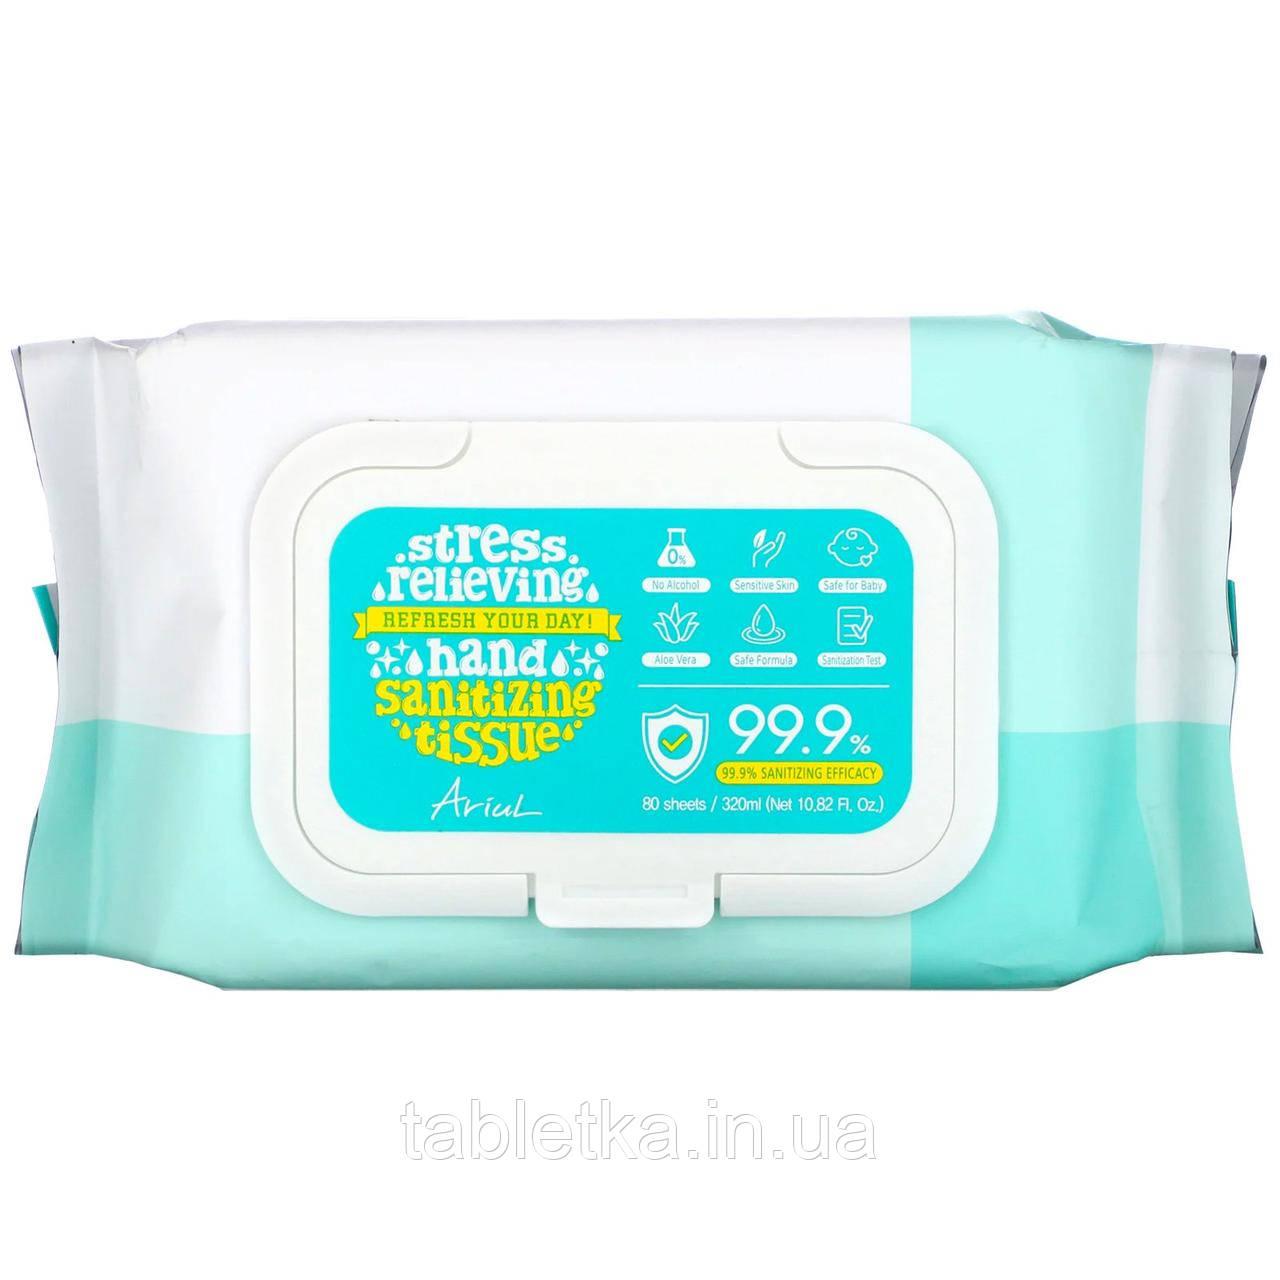 Ariul, салфетки для дезинфекции рук, эффективность 99,9%, алоэ вера, 80 шт.